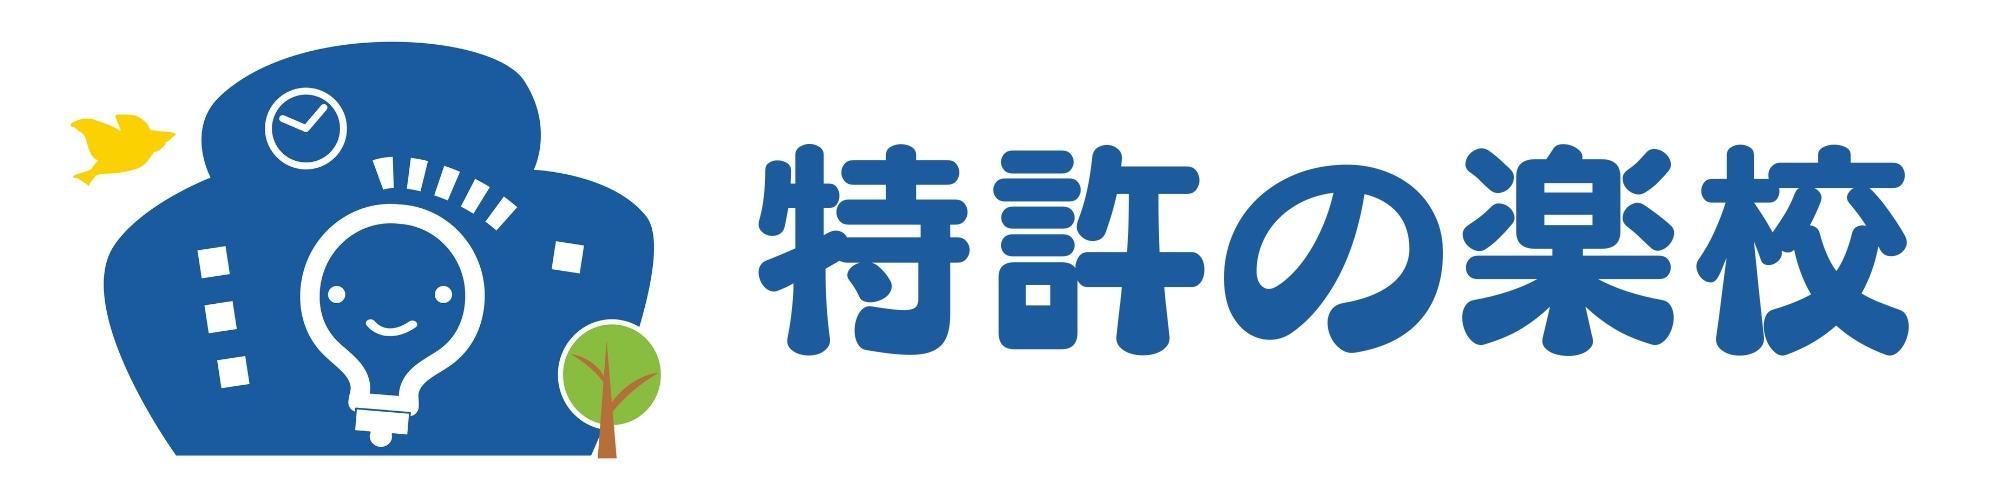 特許の楽校(とっきょのがっこう)